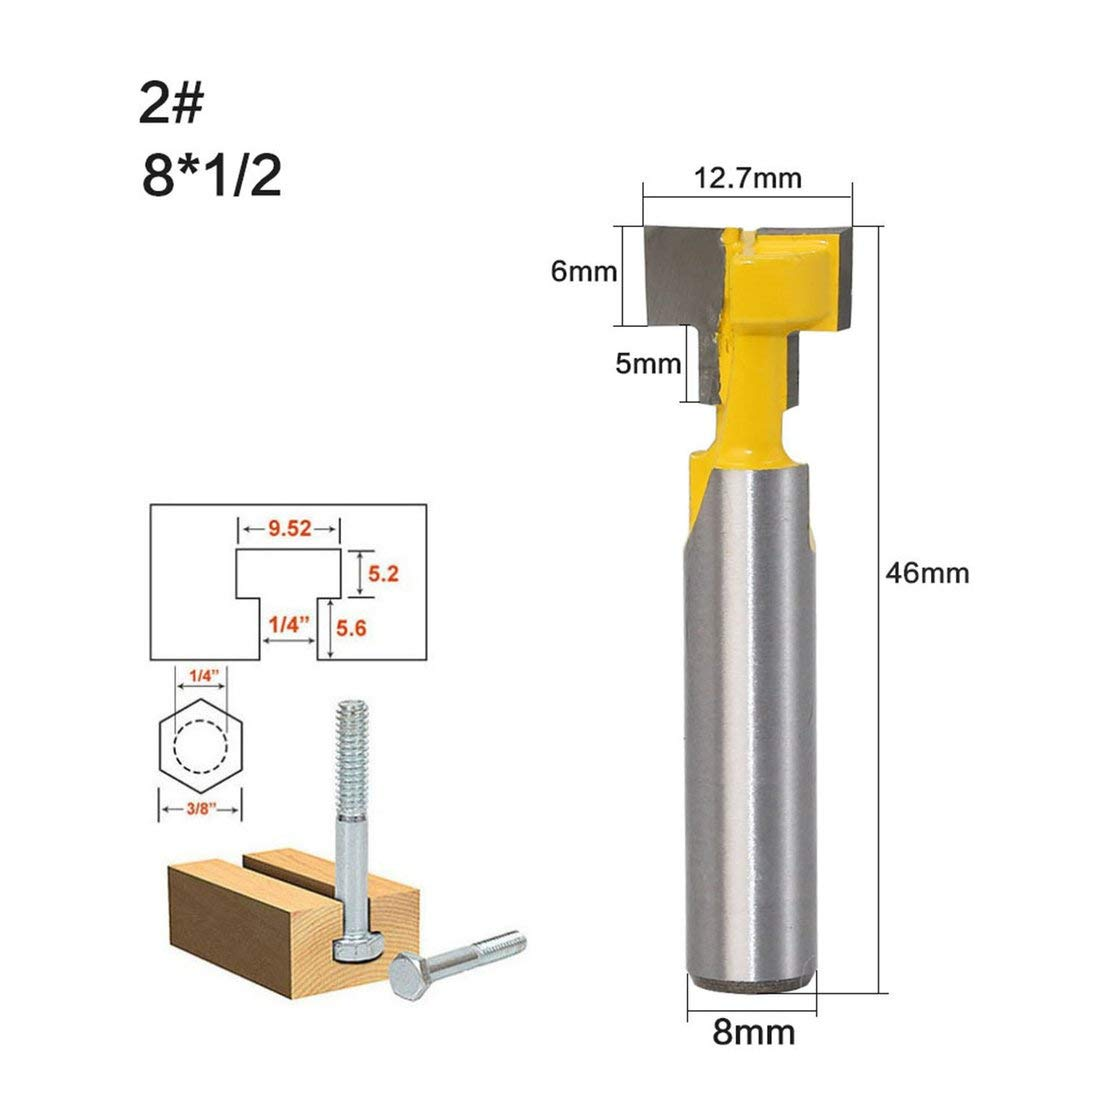 2PCS 8mm V/ástago T-Slot Router Bits Cortador de carpinter/ía Fresa de madera Fresa Router Bits con alta dureza Mayitr